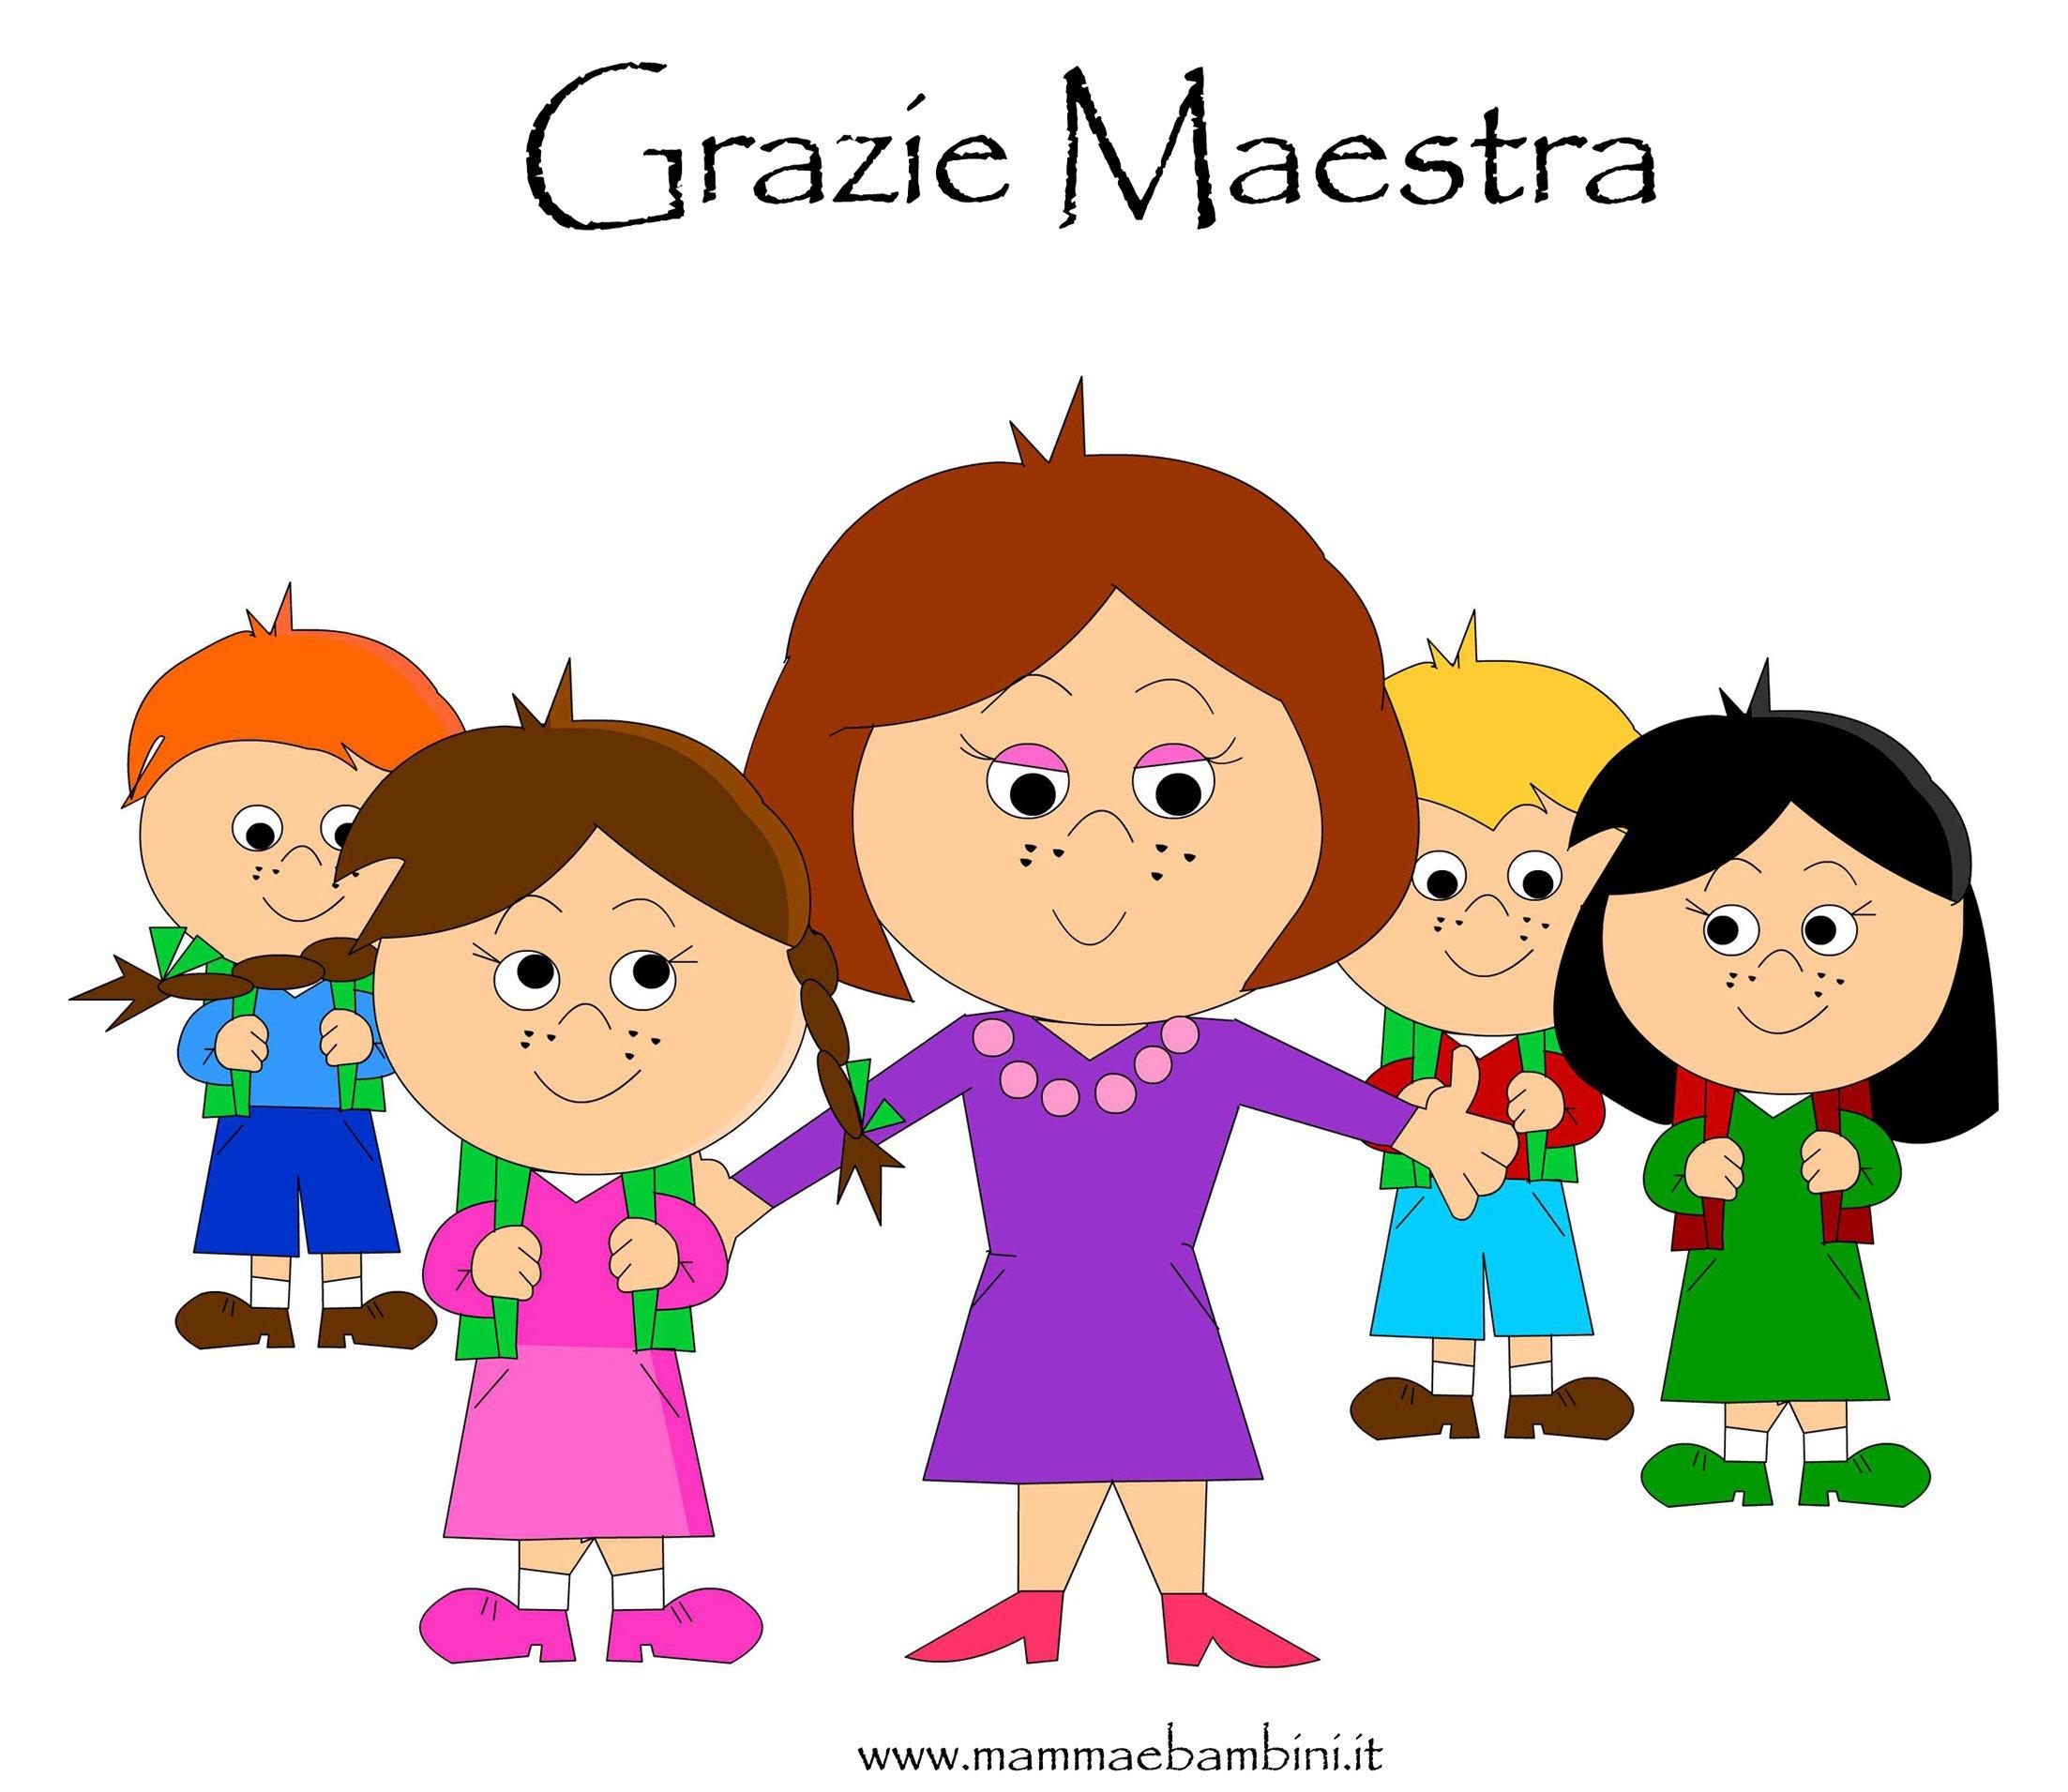 Maestra for Maestra gemma diritti dei bambini